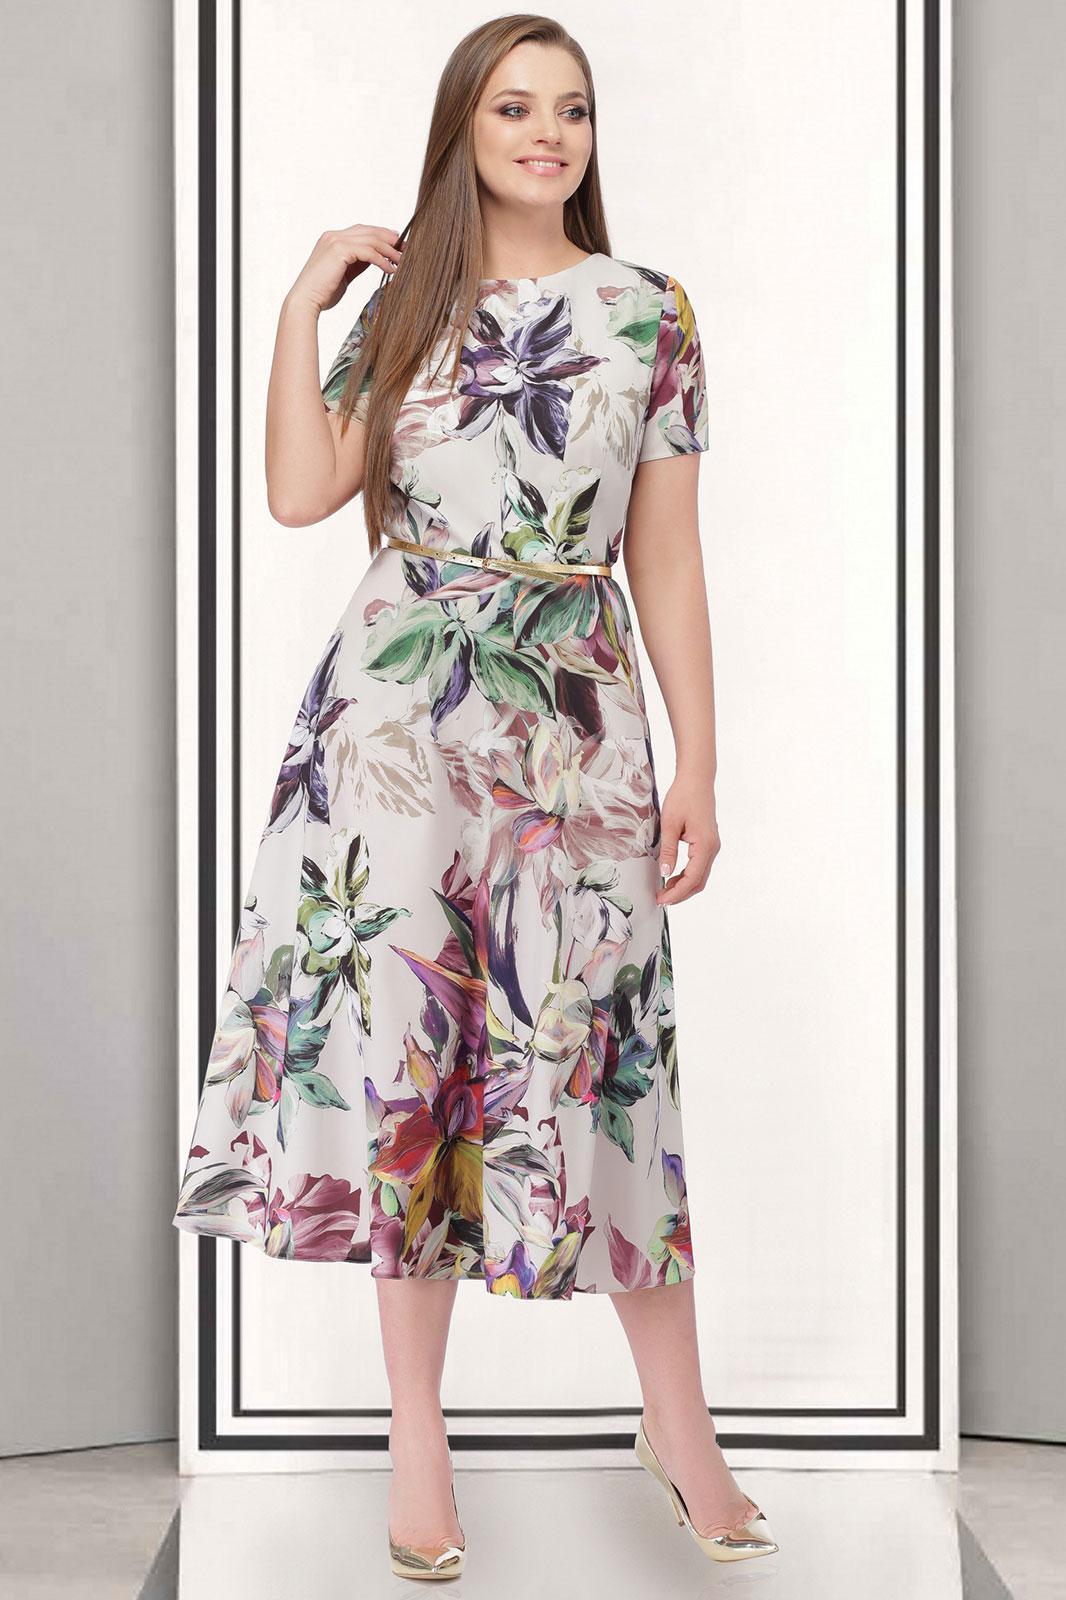 Купить Платье Таиер, 527 цветы на белом, Беларусь